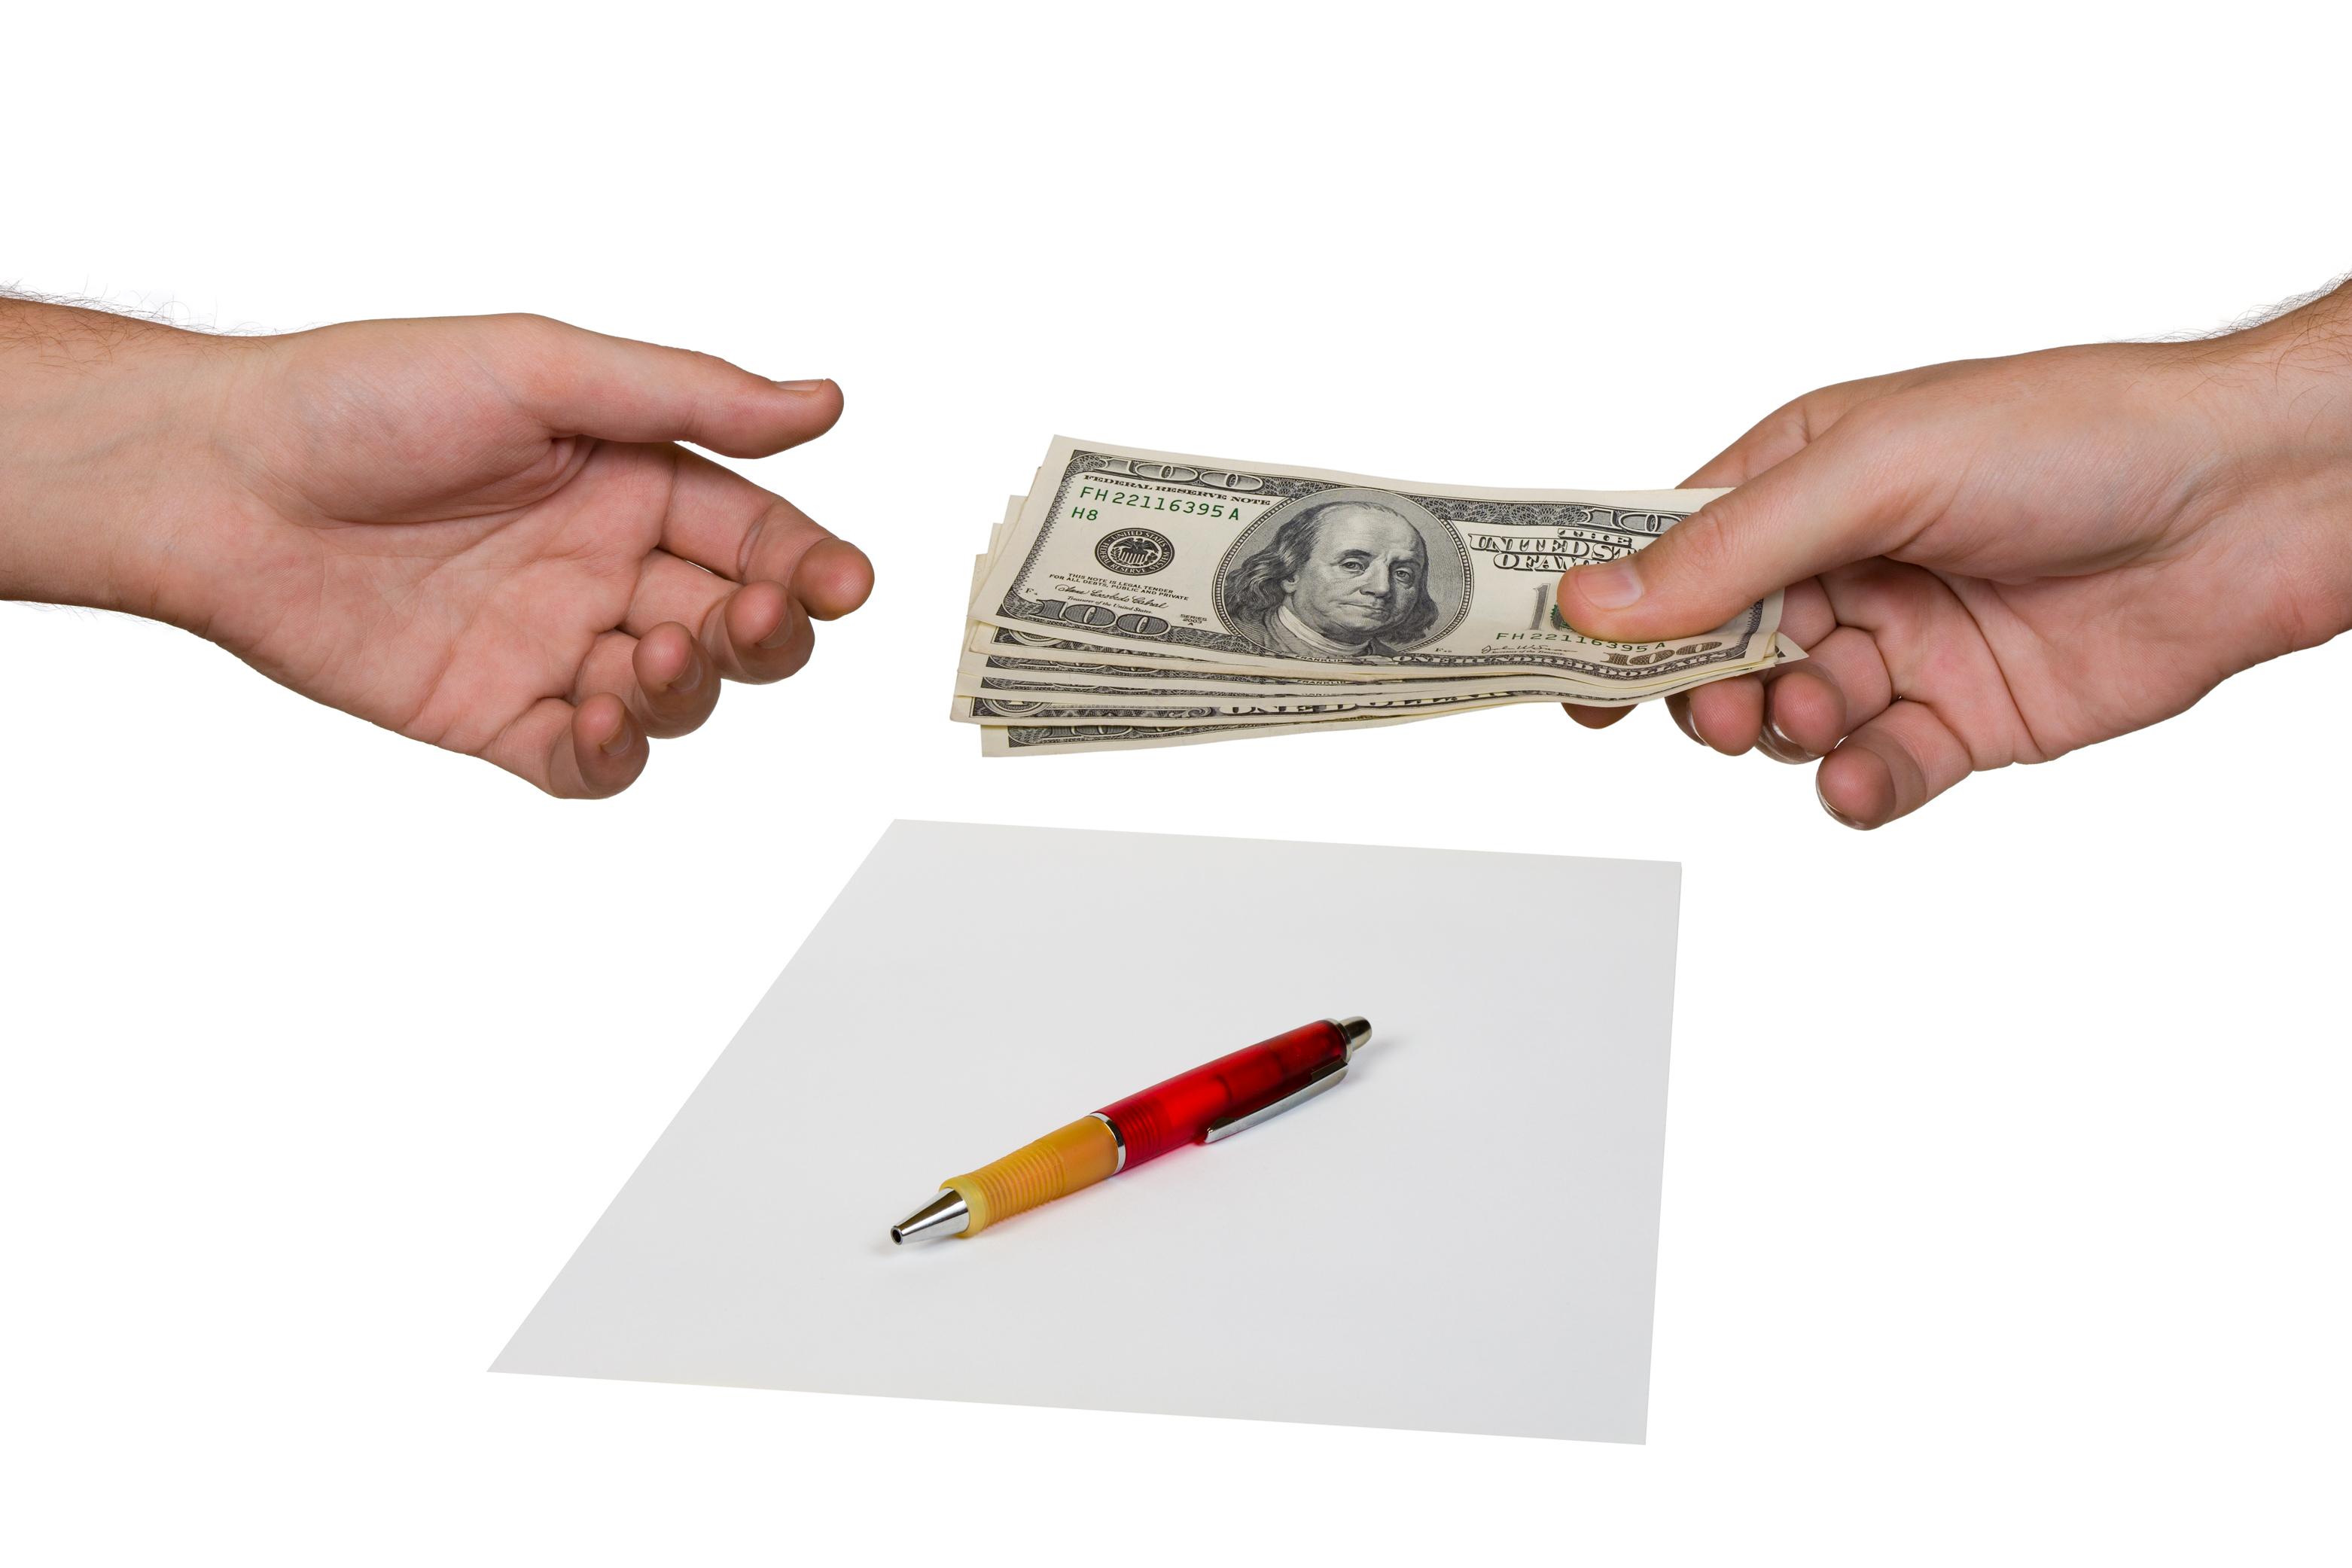 Купля продажа ценных бумаг за наличный расчет